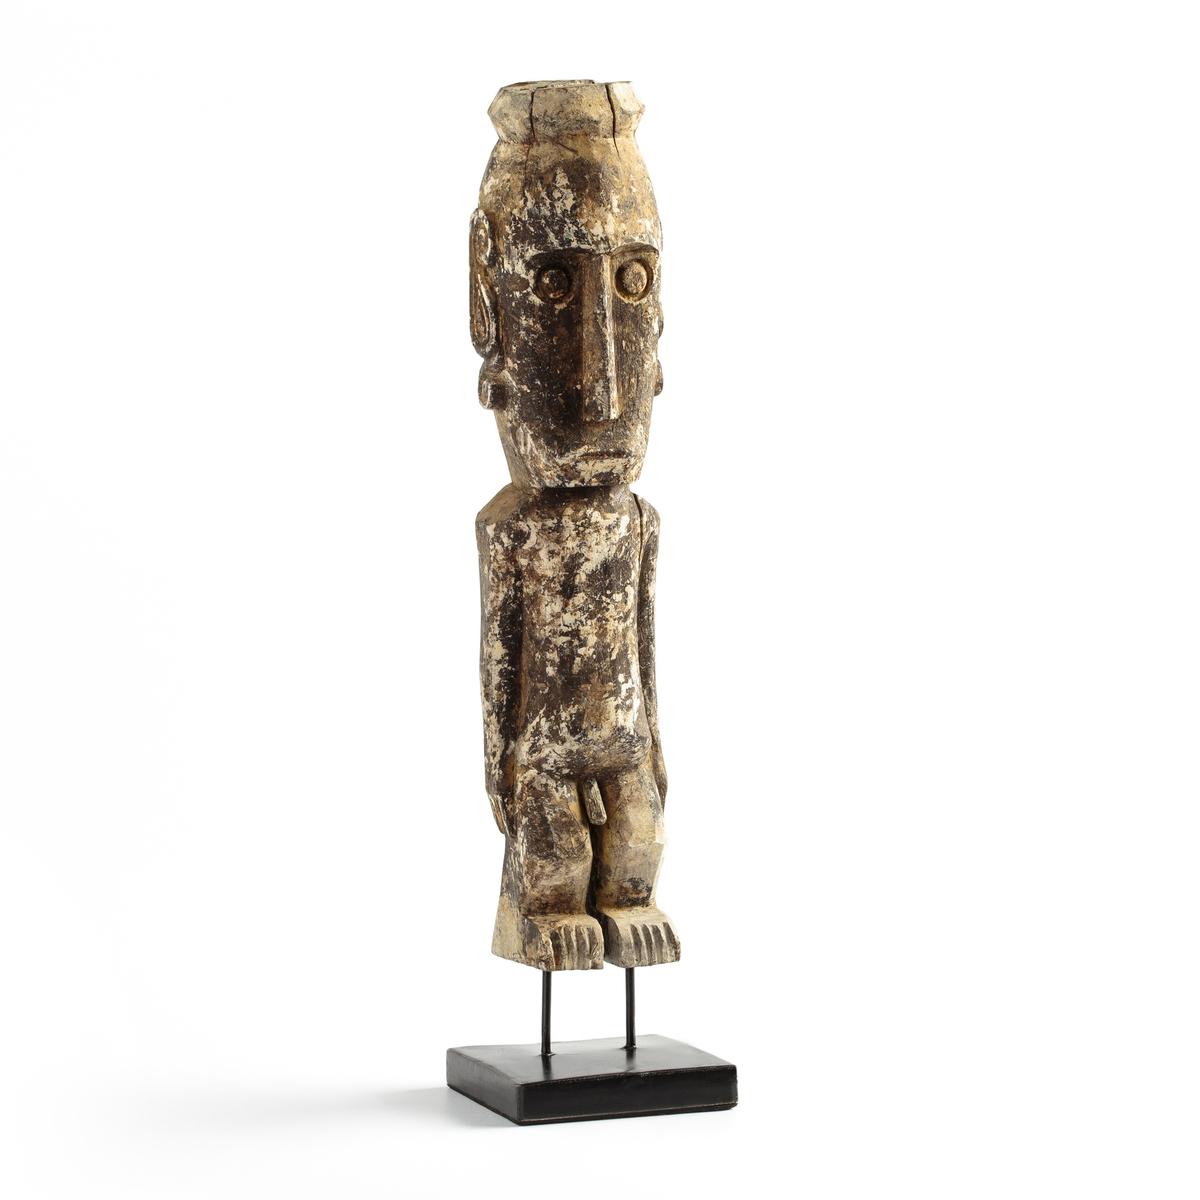 Статуэтка из дерева, В.47 см, Semarang статуэтки русские подарки статуэтка мисс нежность